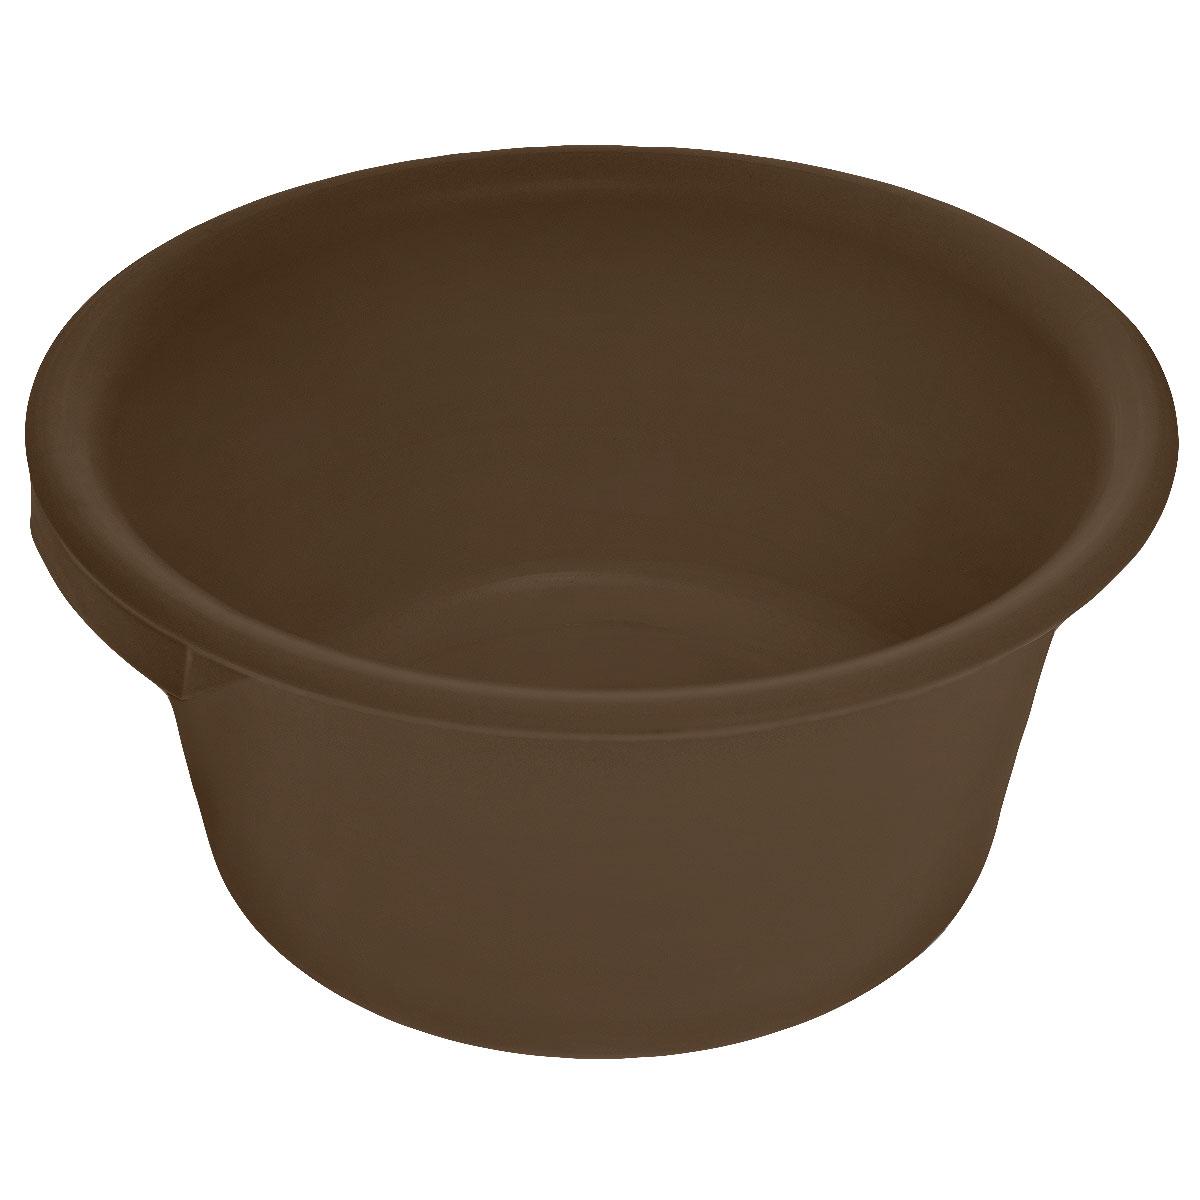 Таз хозяйственный Альтернатива, цвет: темно-коричневый, 9 лМ1106_коричневыйТаз Альтернатива изготовлен из высококачественного пластика. Он выполнен в классическом круглом варианте. Для удобного использования изделие снабжено двумя ручками. Таз предназначен для стирки и хранения разных вещей. Он пригодится в любом хозяйстве. Диаметр (по верхнему краю): 35 см. Высота: 15,5 см.